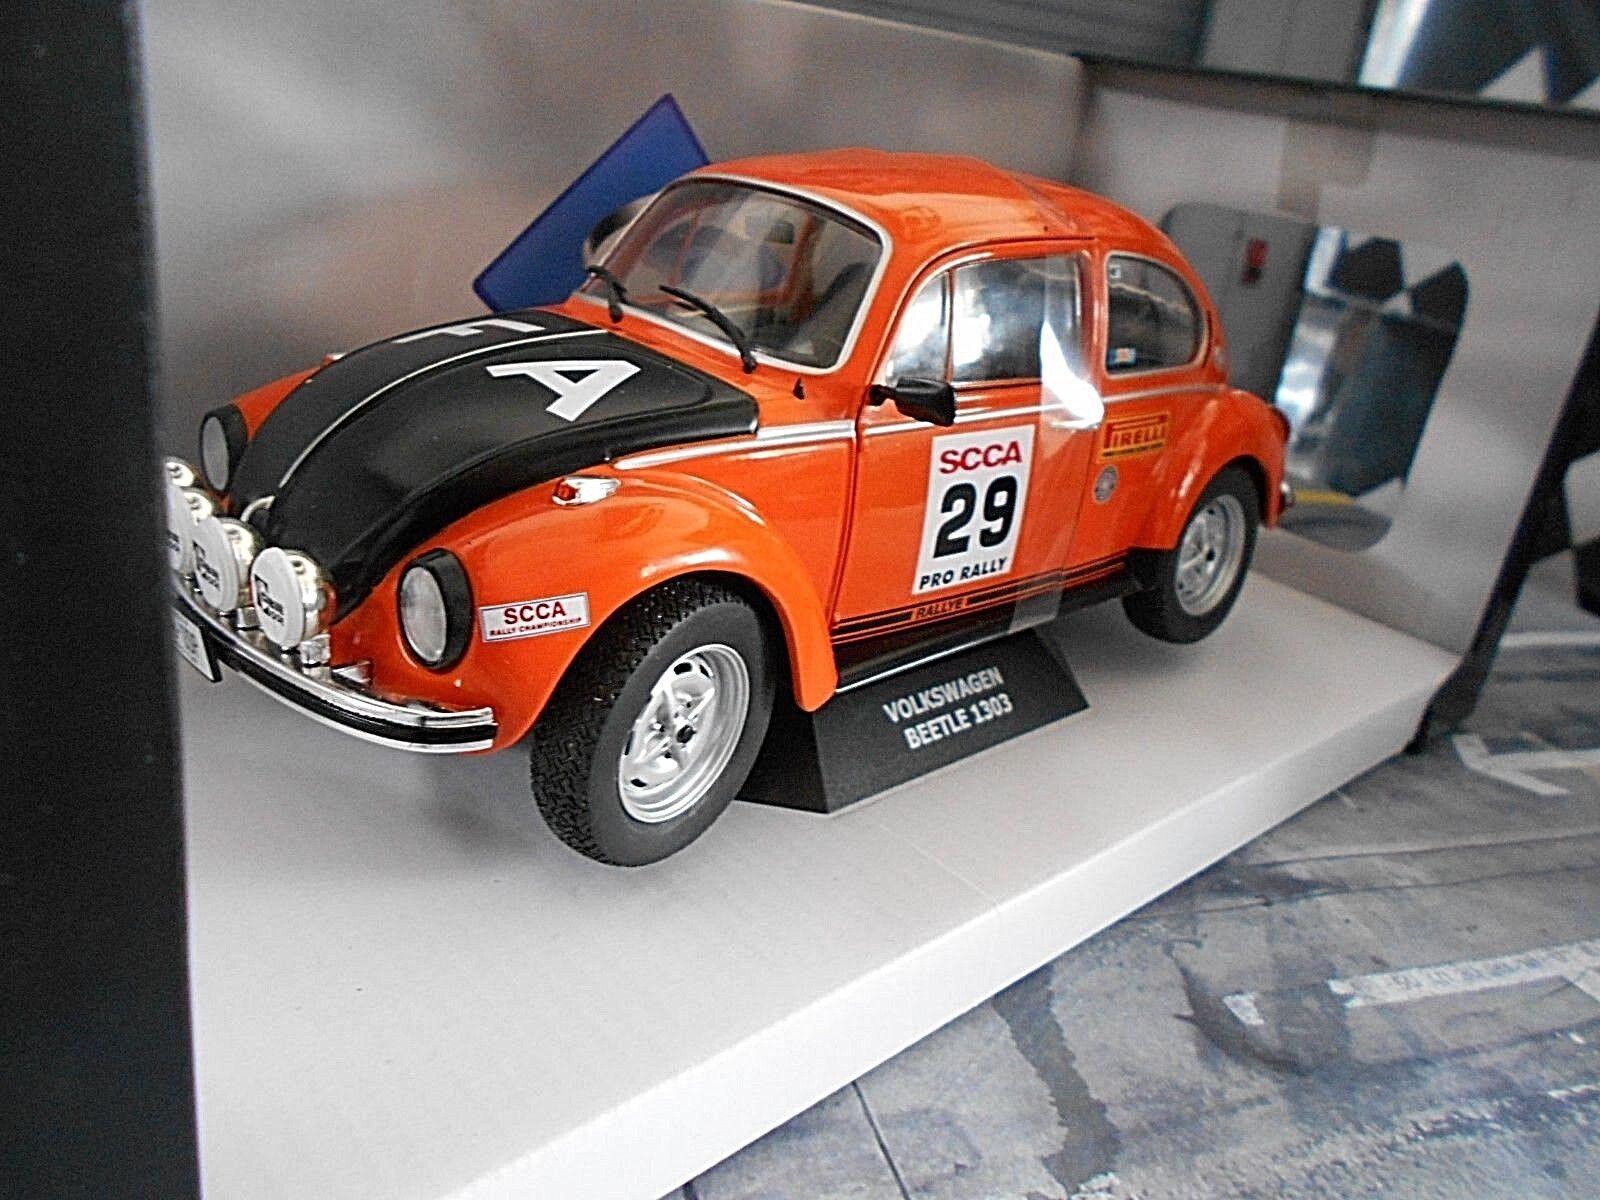 VW Volkswagen Beetle Beetle 1303 S Rally SCCA Pro orange Solido 1 18